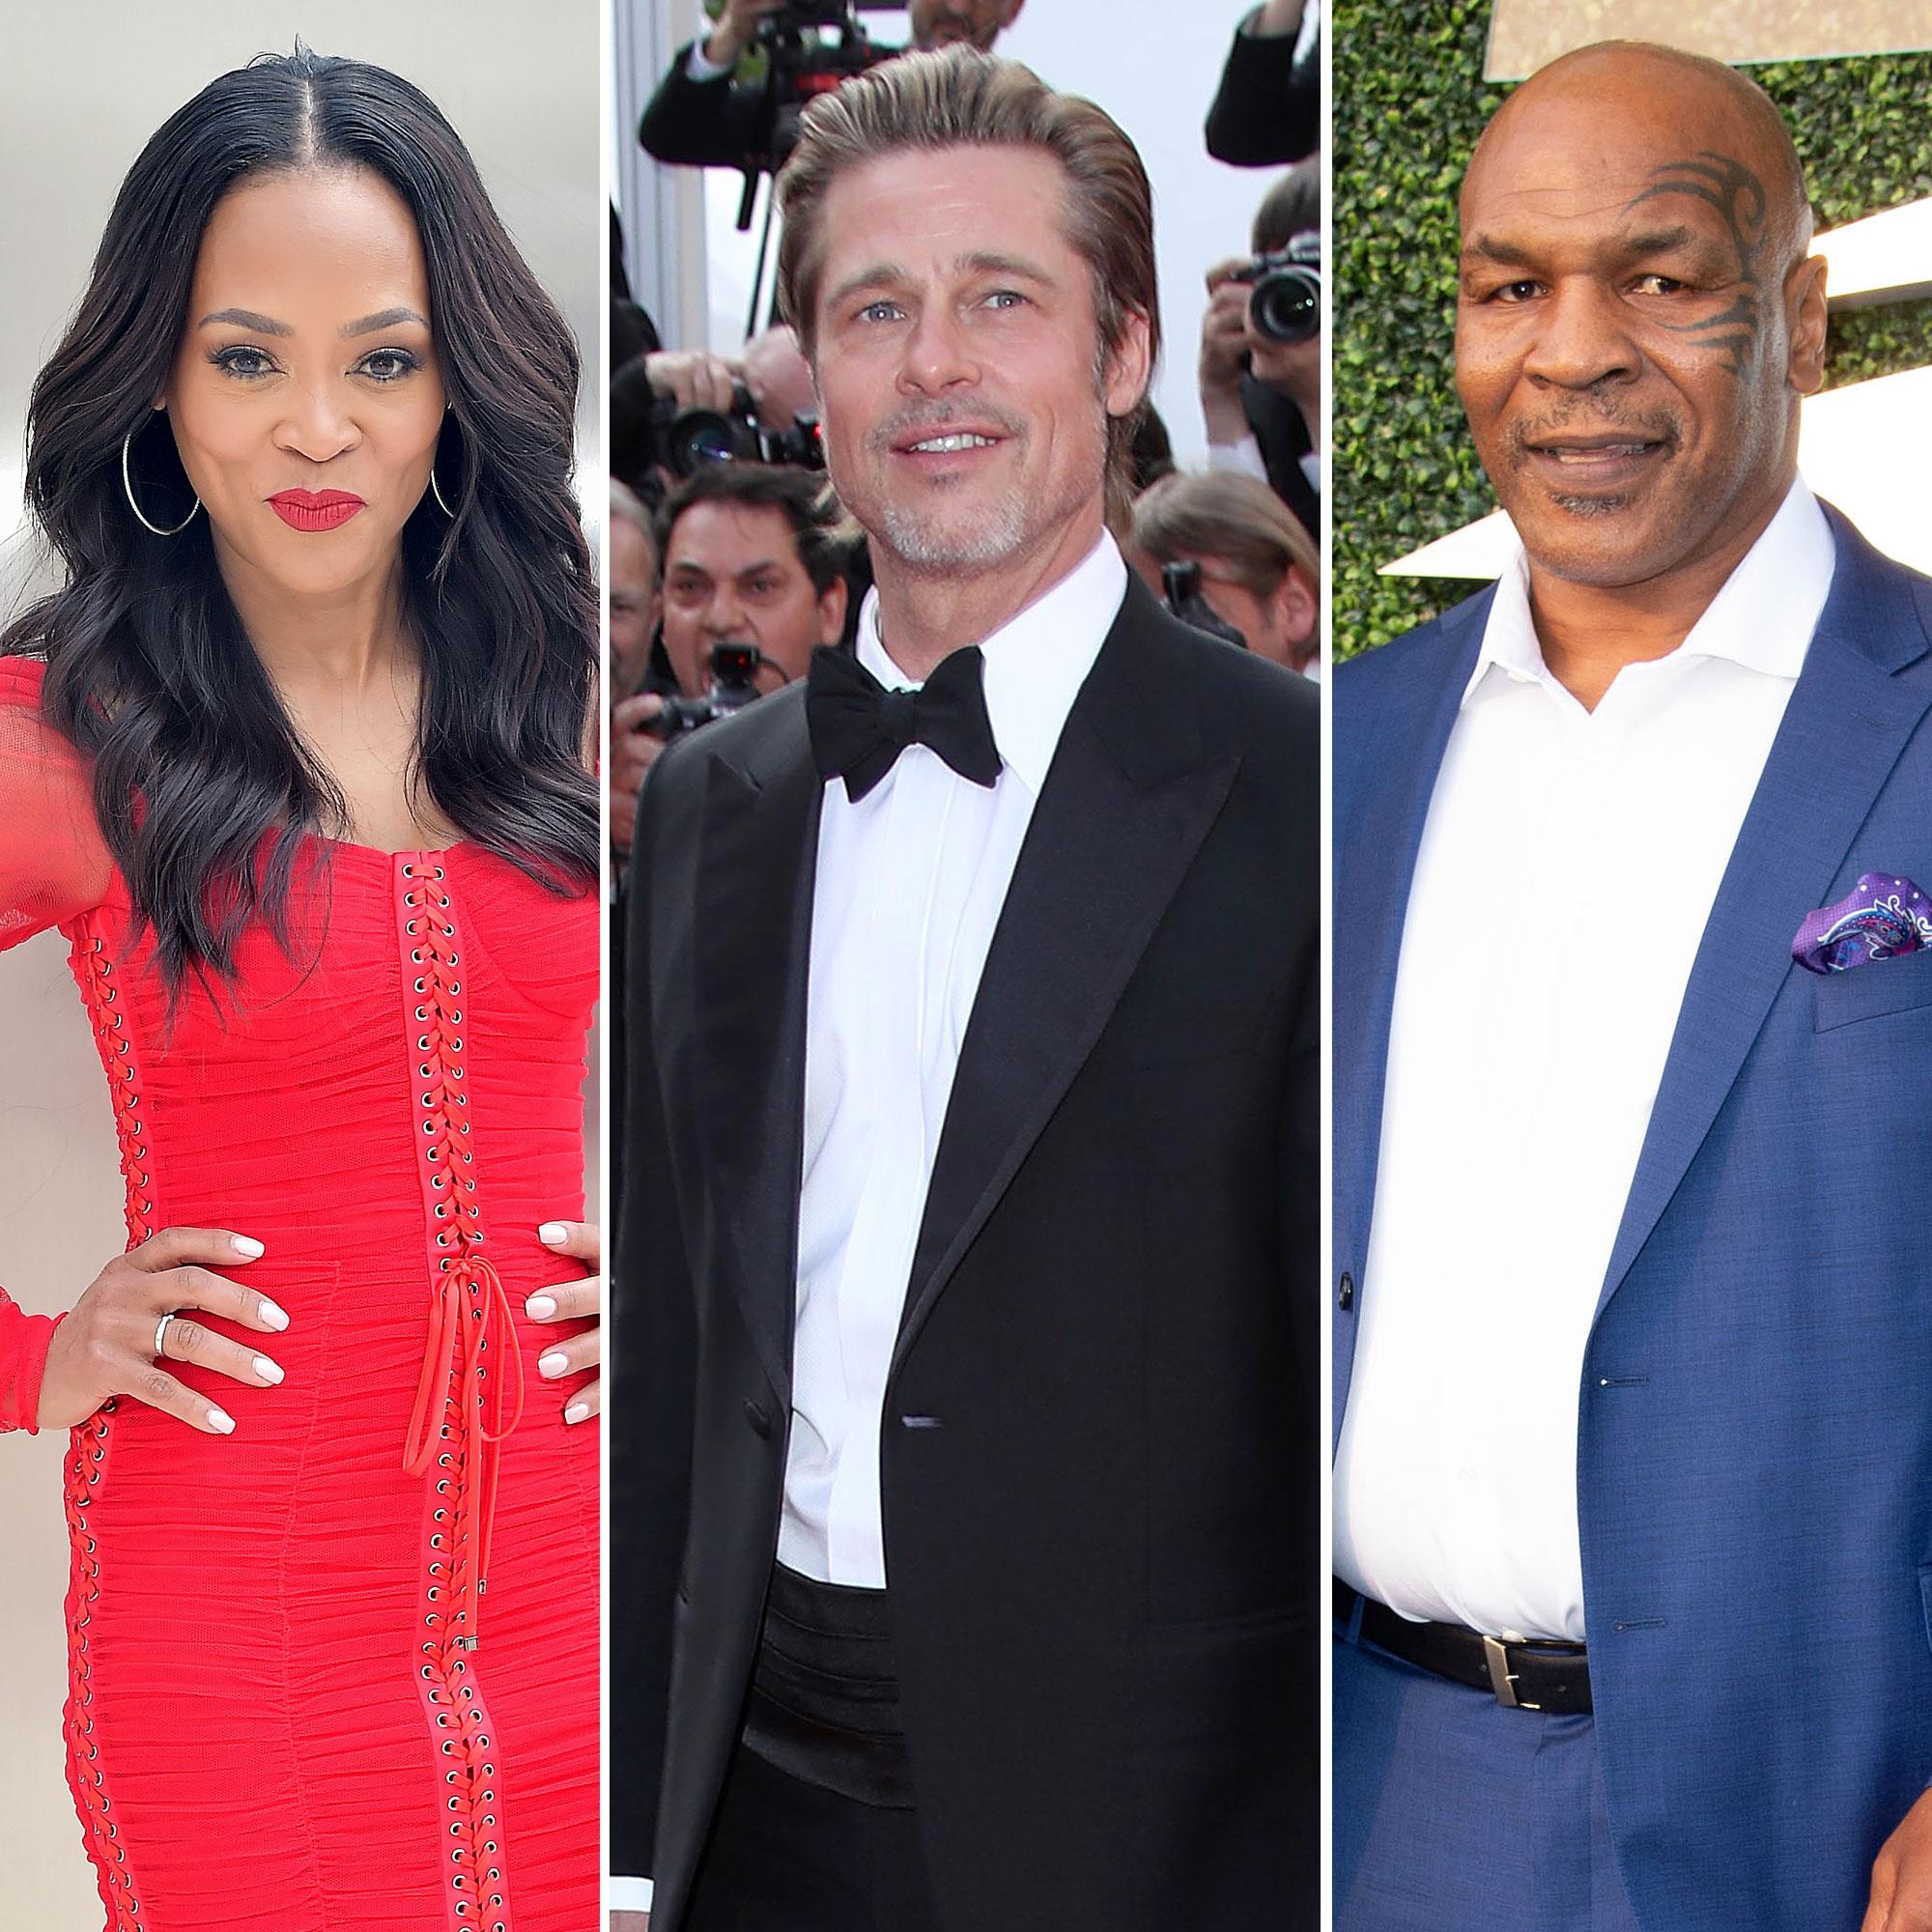 S-a aflat, în sfârșit! Cu ce actor celebru a fost înșelat Mike Tyson?